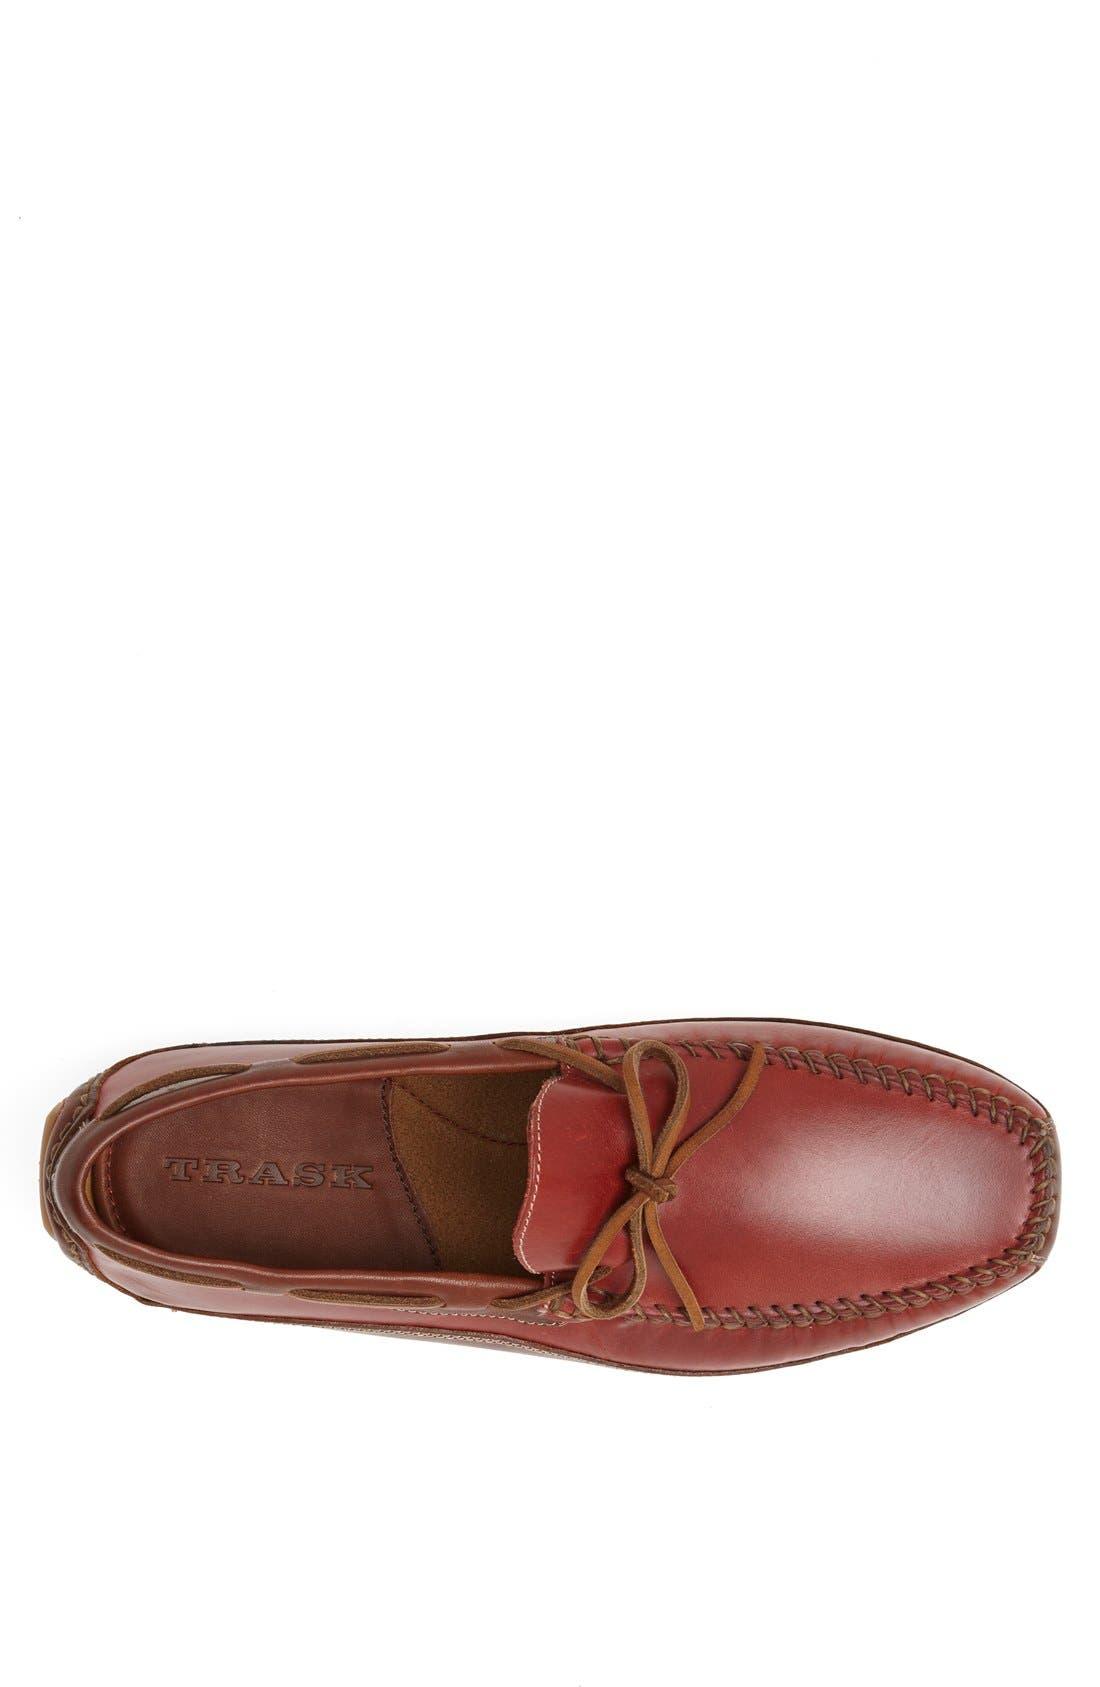 'Drake' Leather Driving Shoe,                             Alternate thumbnail 44, color,